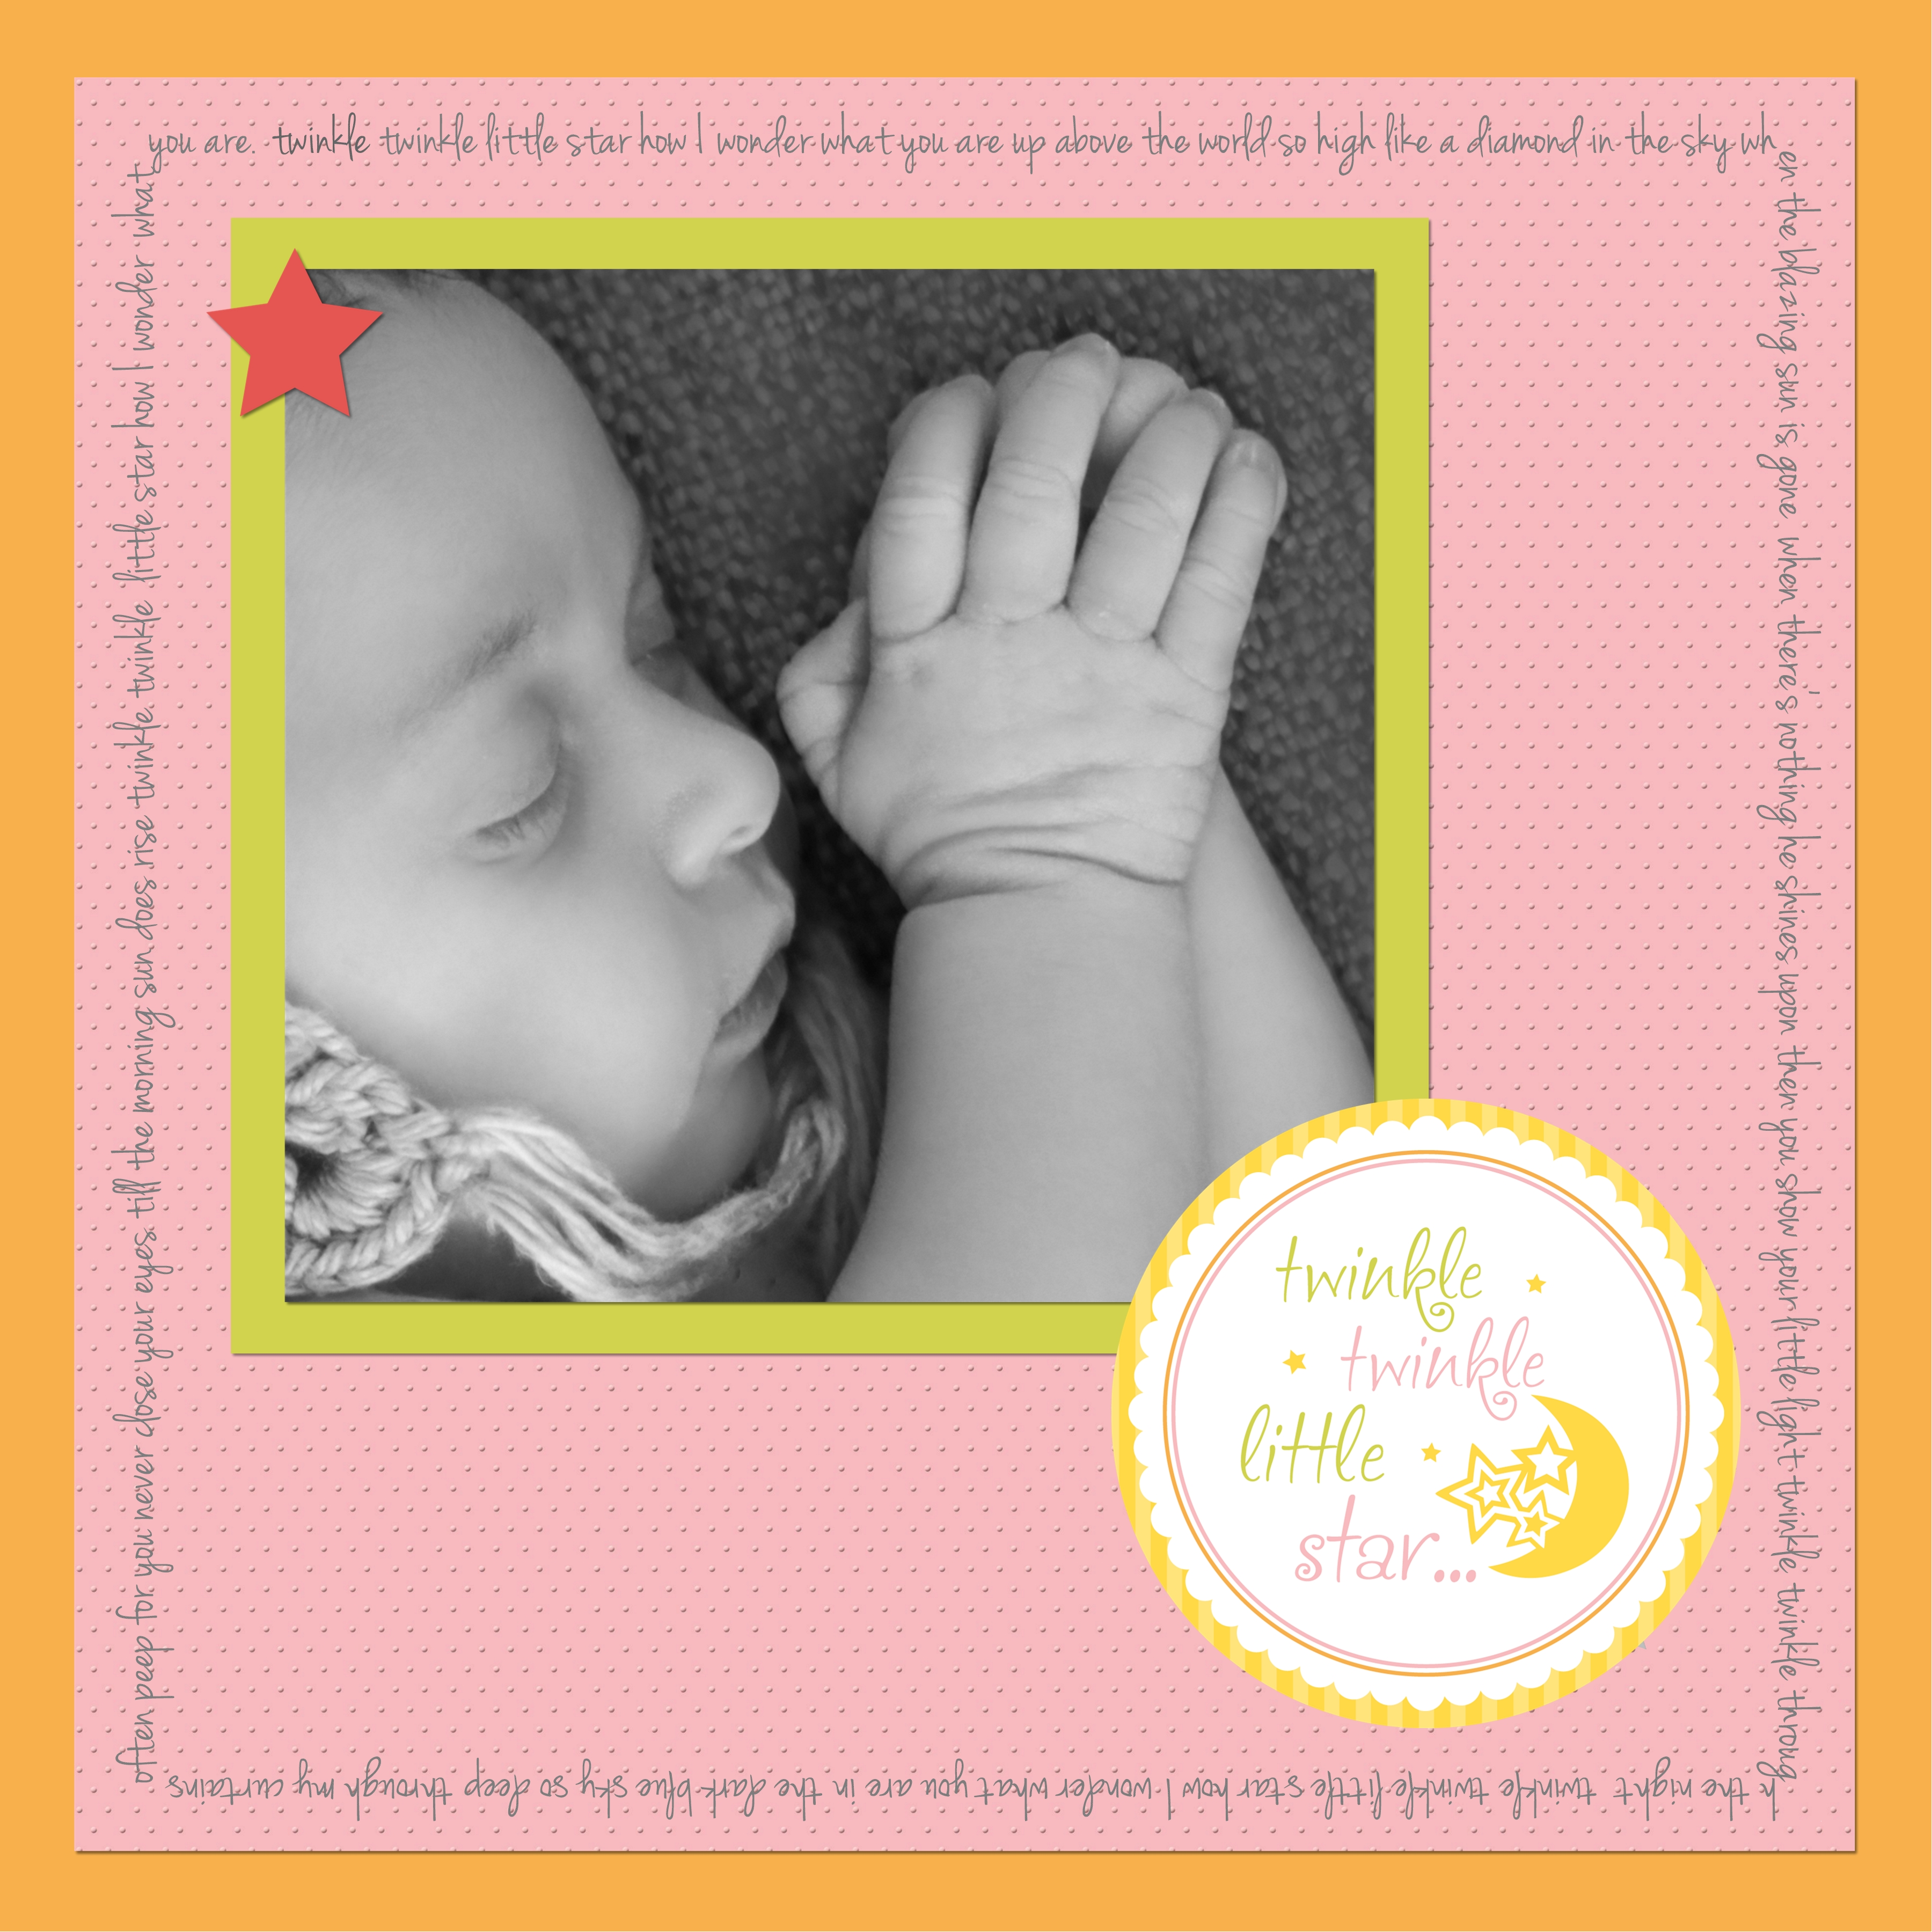 BabyGirl - Page 007.jpg